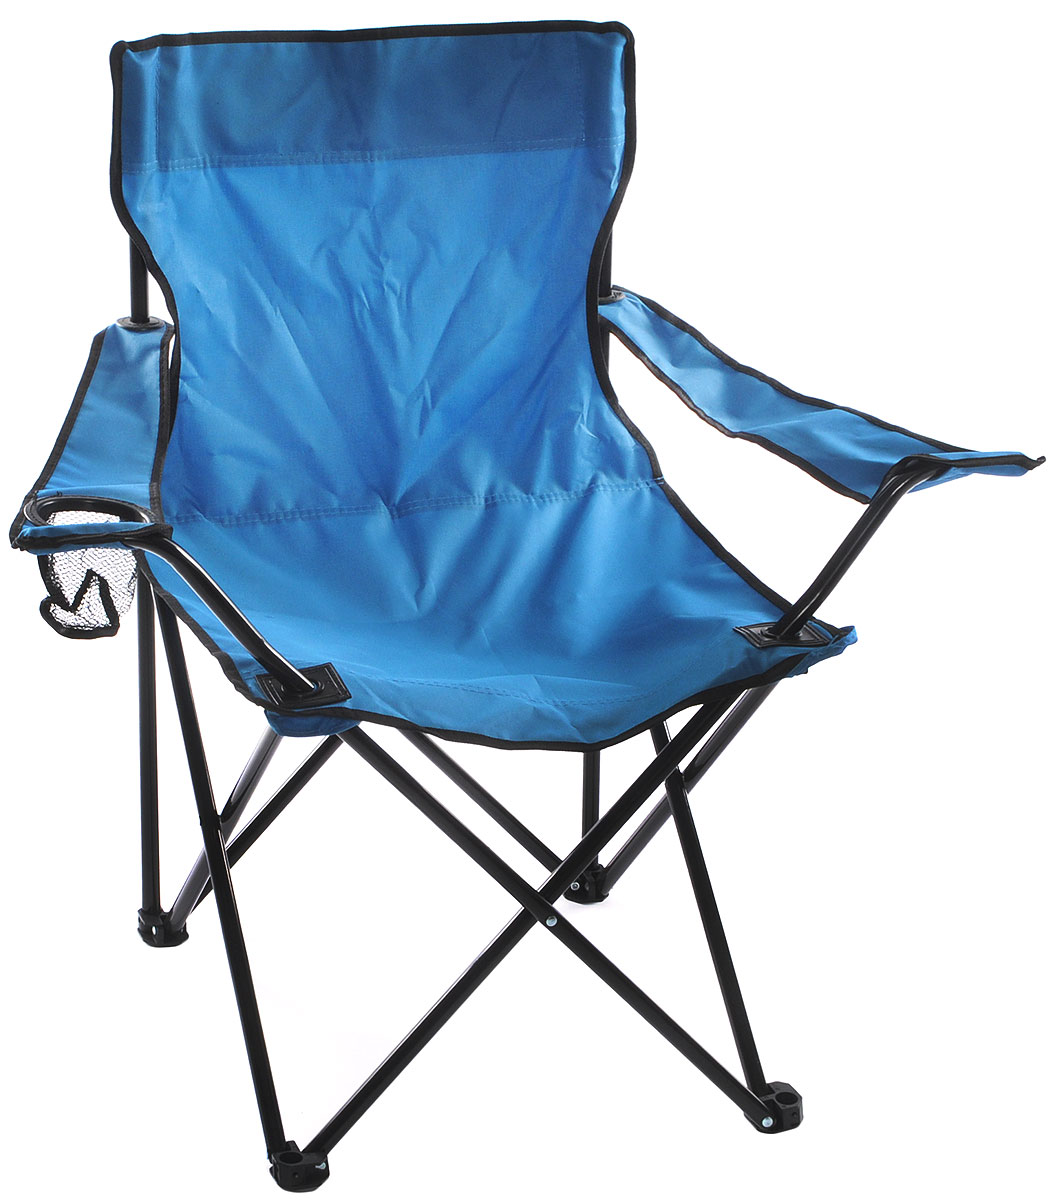 Кресло складное Wildman, с подлокотником, цвет: голубой, 77 х 50 х 80 см81-446_голубойНа складном кресле Wildman можно удобно расположиться в тени деревьев, отдохнуть в приятной прохладелетнего вечера.В использовании такое кресло достойно самых лучших похвал. Кресло выполнено из прочной ткани оксфорд, каркас стальной. Кресло оснащено удобными подлокотниками, в одном из них расположен подстаканник. В сложенном виде кресло удобно для хранения и переноски. В комплекте чехол для переноски и хранения.